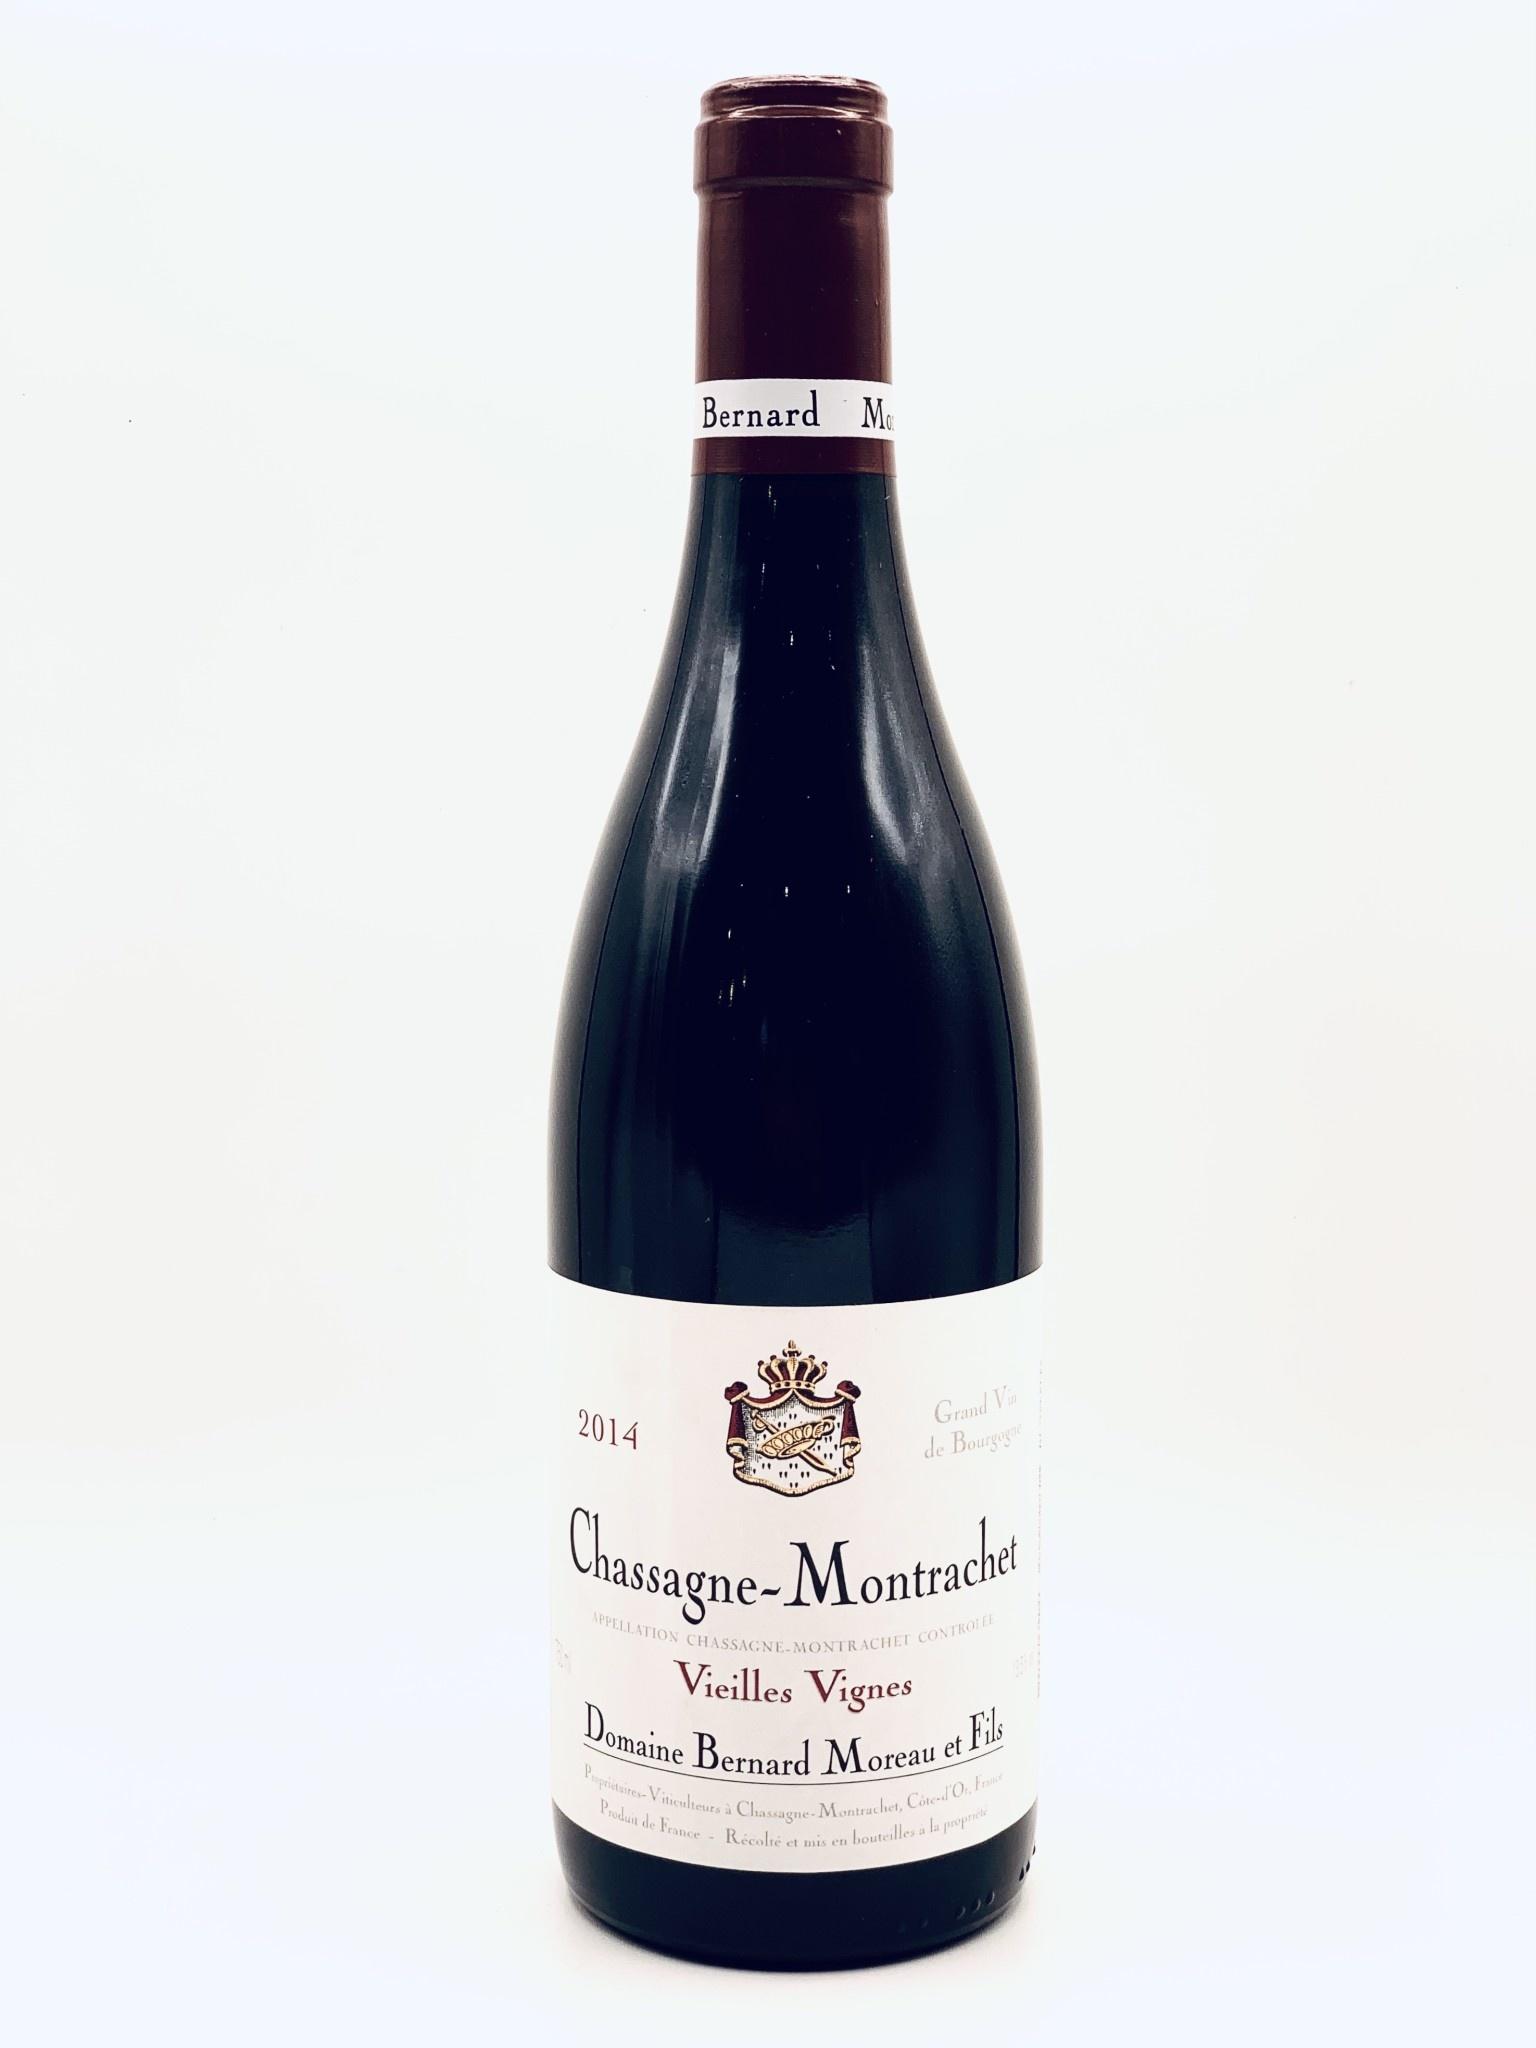 Chassagne Montrachet Rouge 2014 Domaine Bernard Moreau Vieilles Vignes